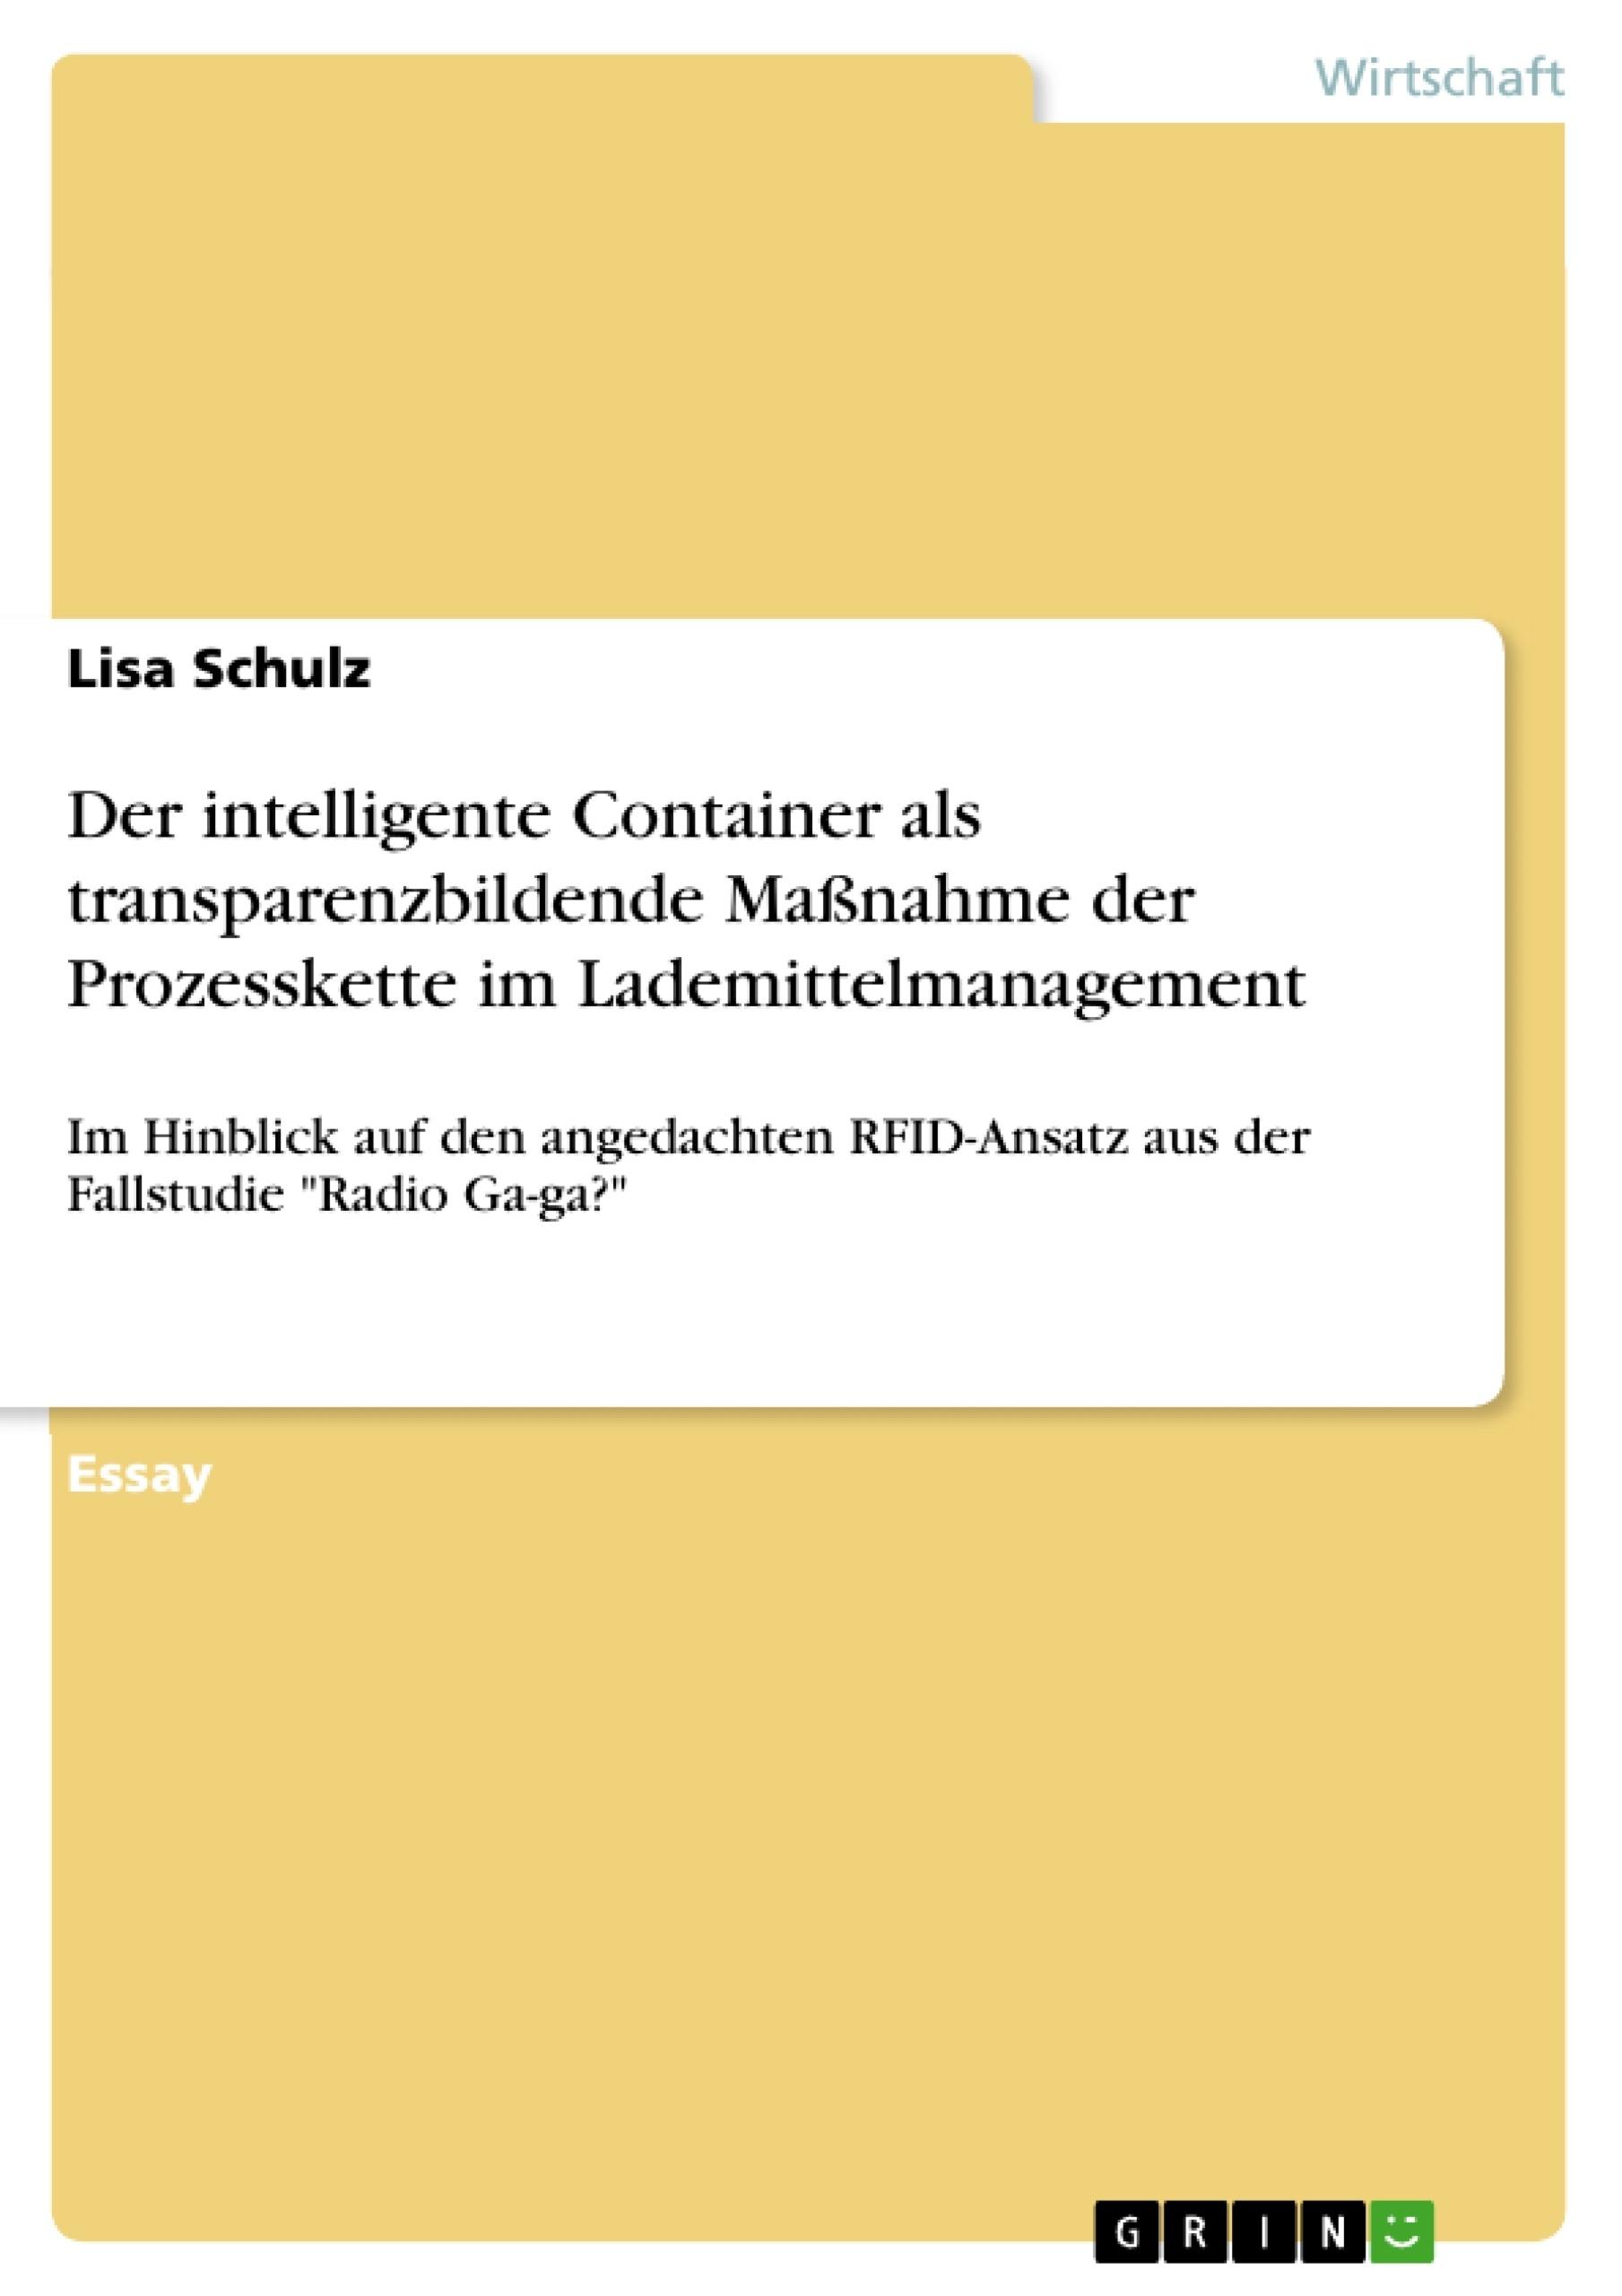 Titel: Der intelligente Container als transparenzbildende Maßnahme der Prozesskette im Lademittelmanagement